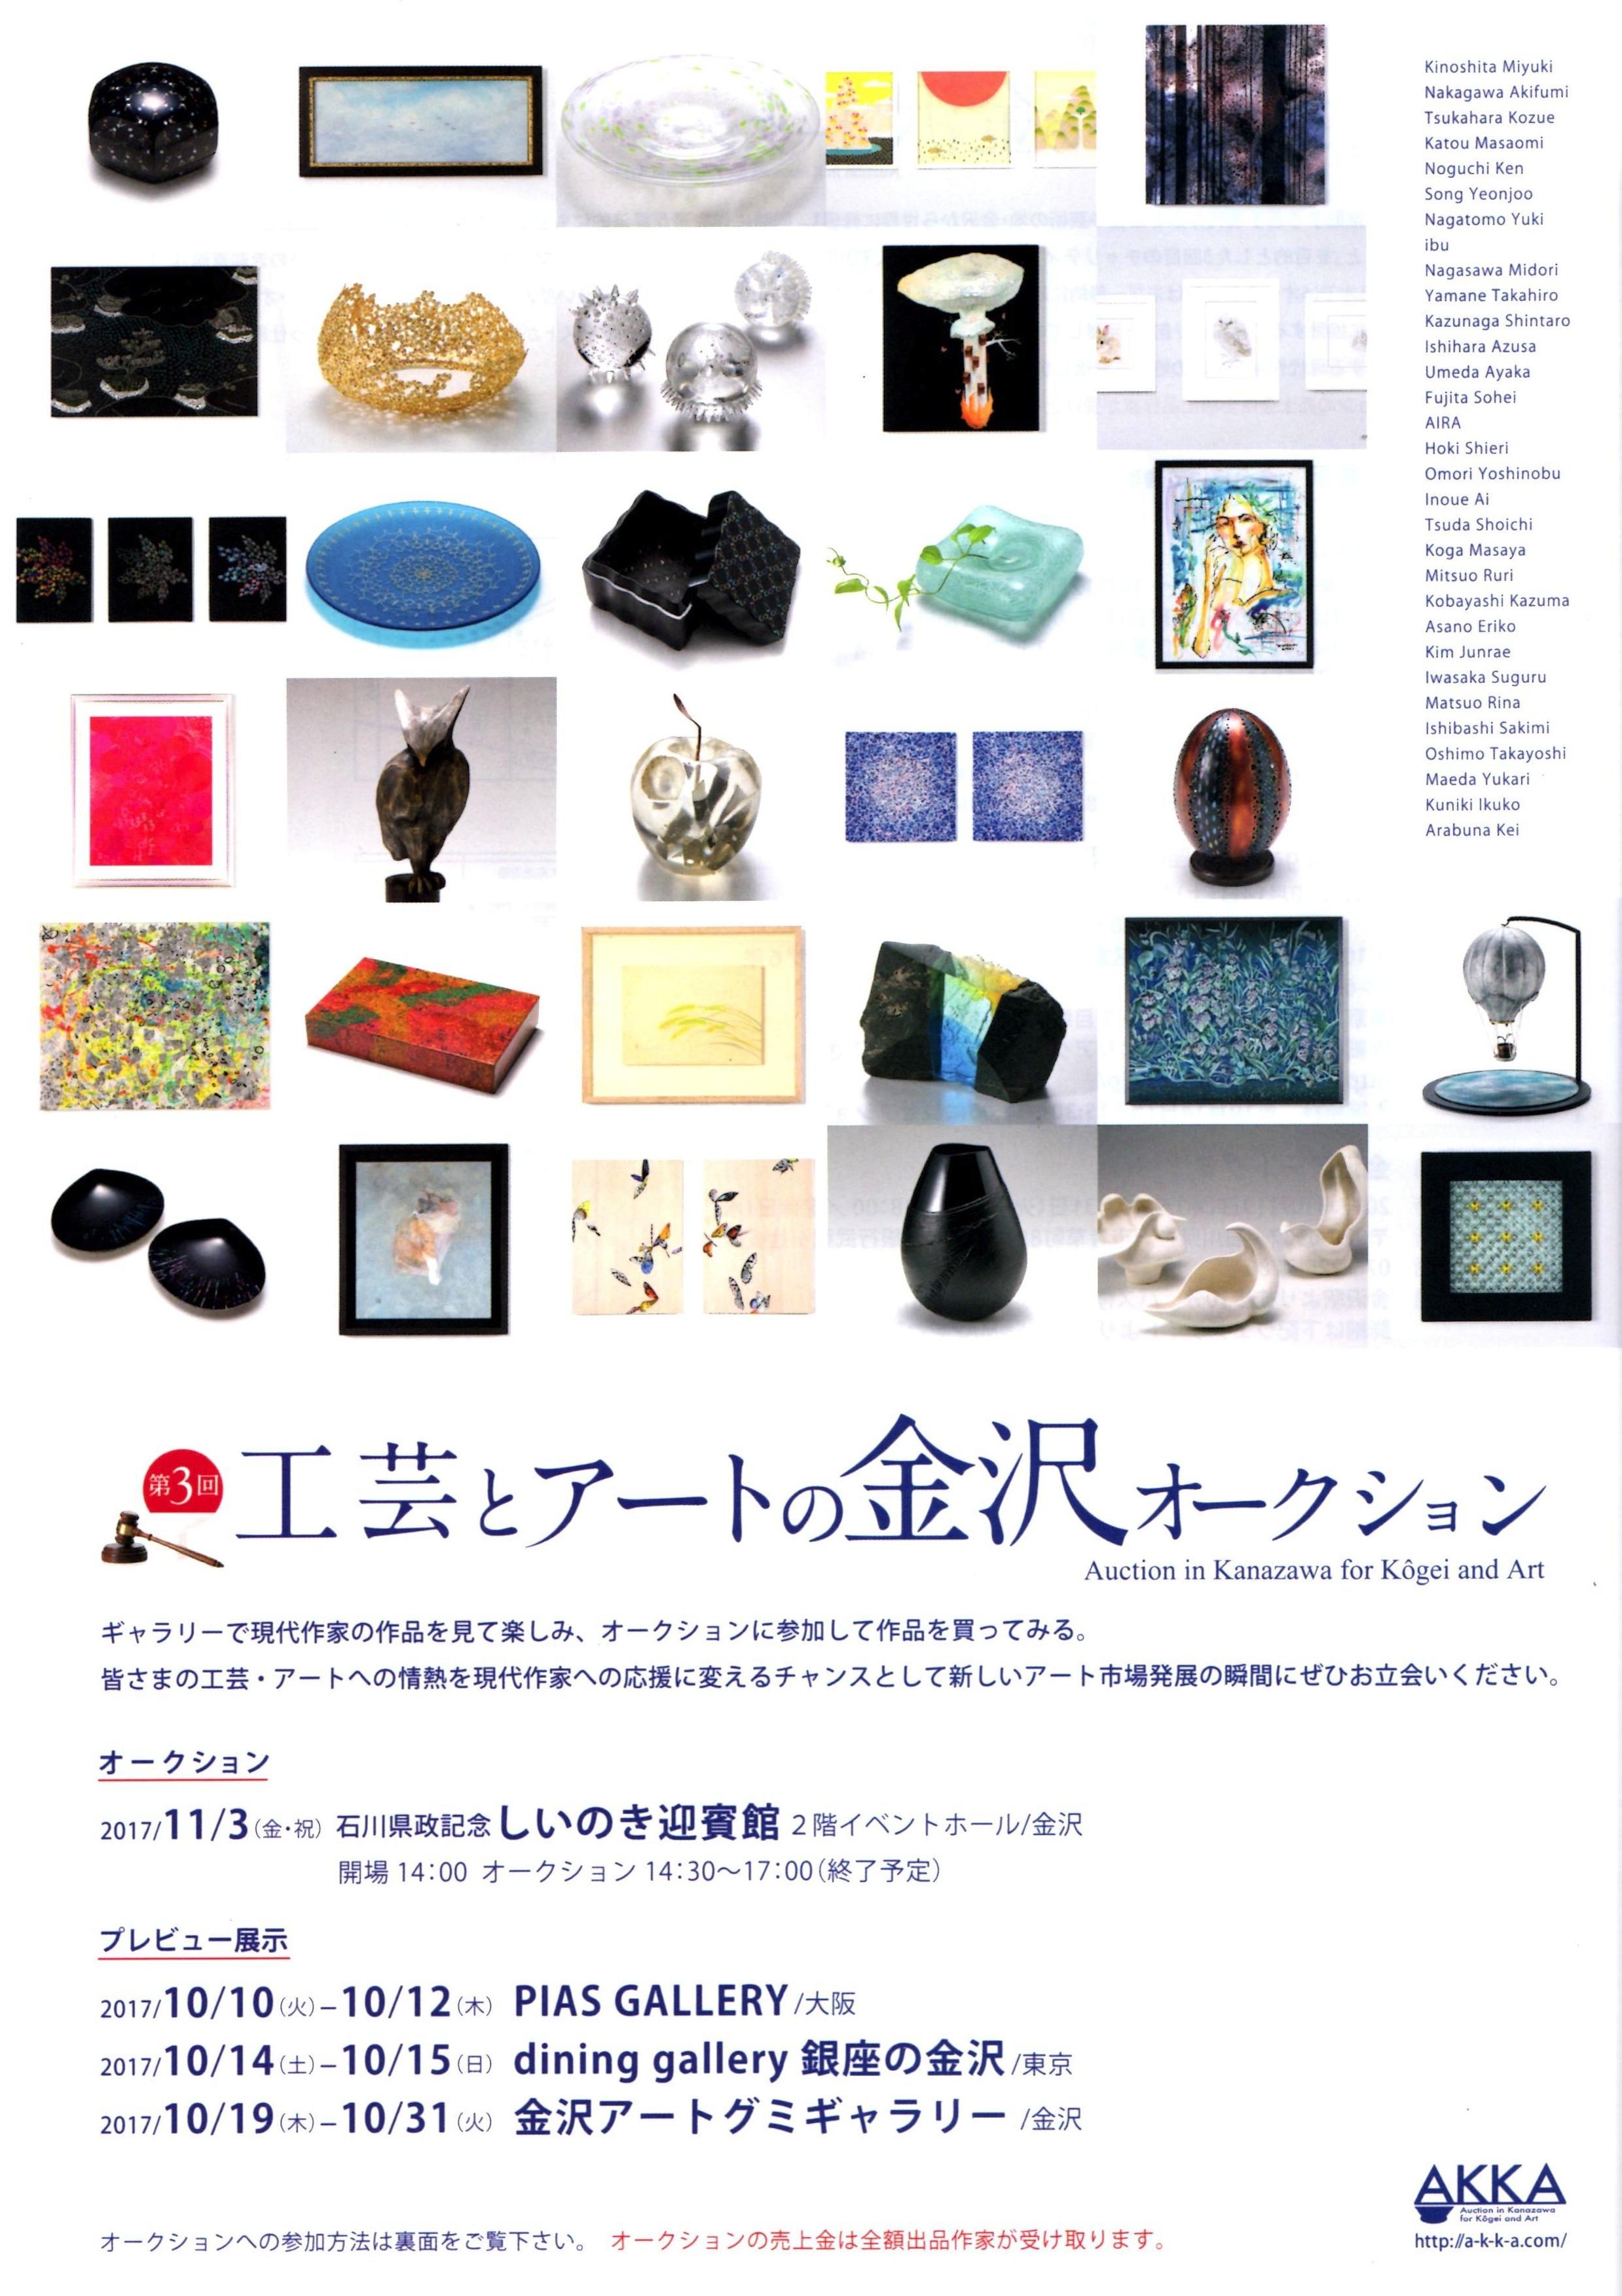 【終了】<br>10/19thu.-10/31tue.<br>AKKA-工芸とアートの金沢オークション-<br>出品作品展示